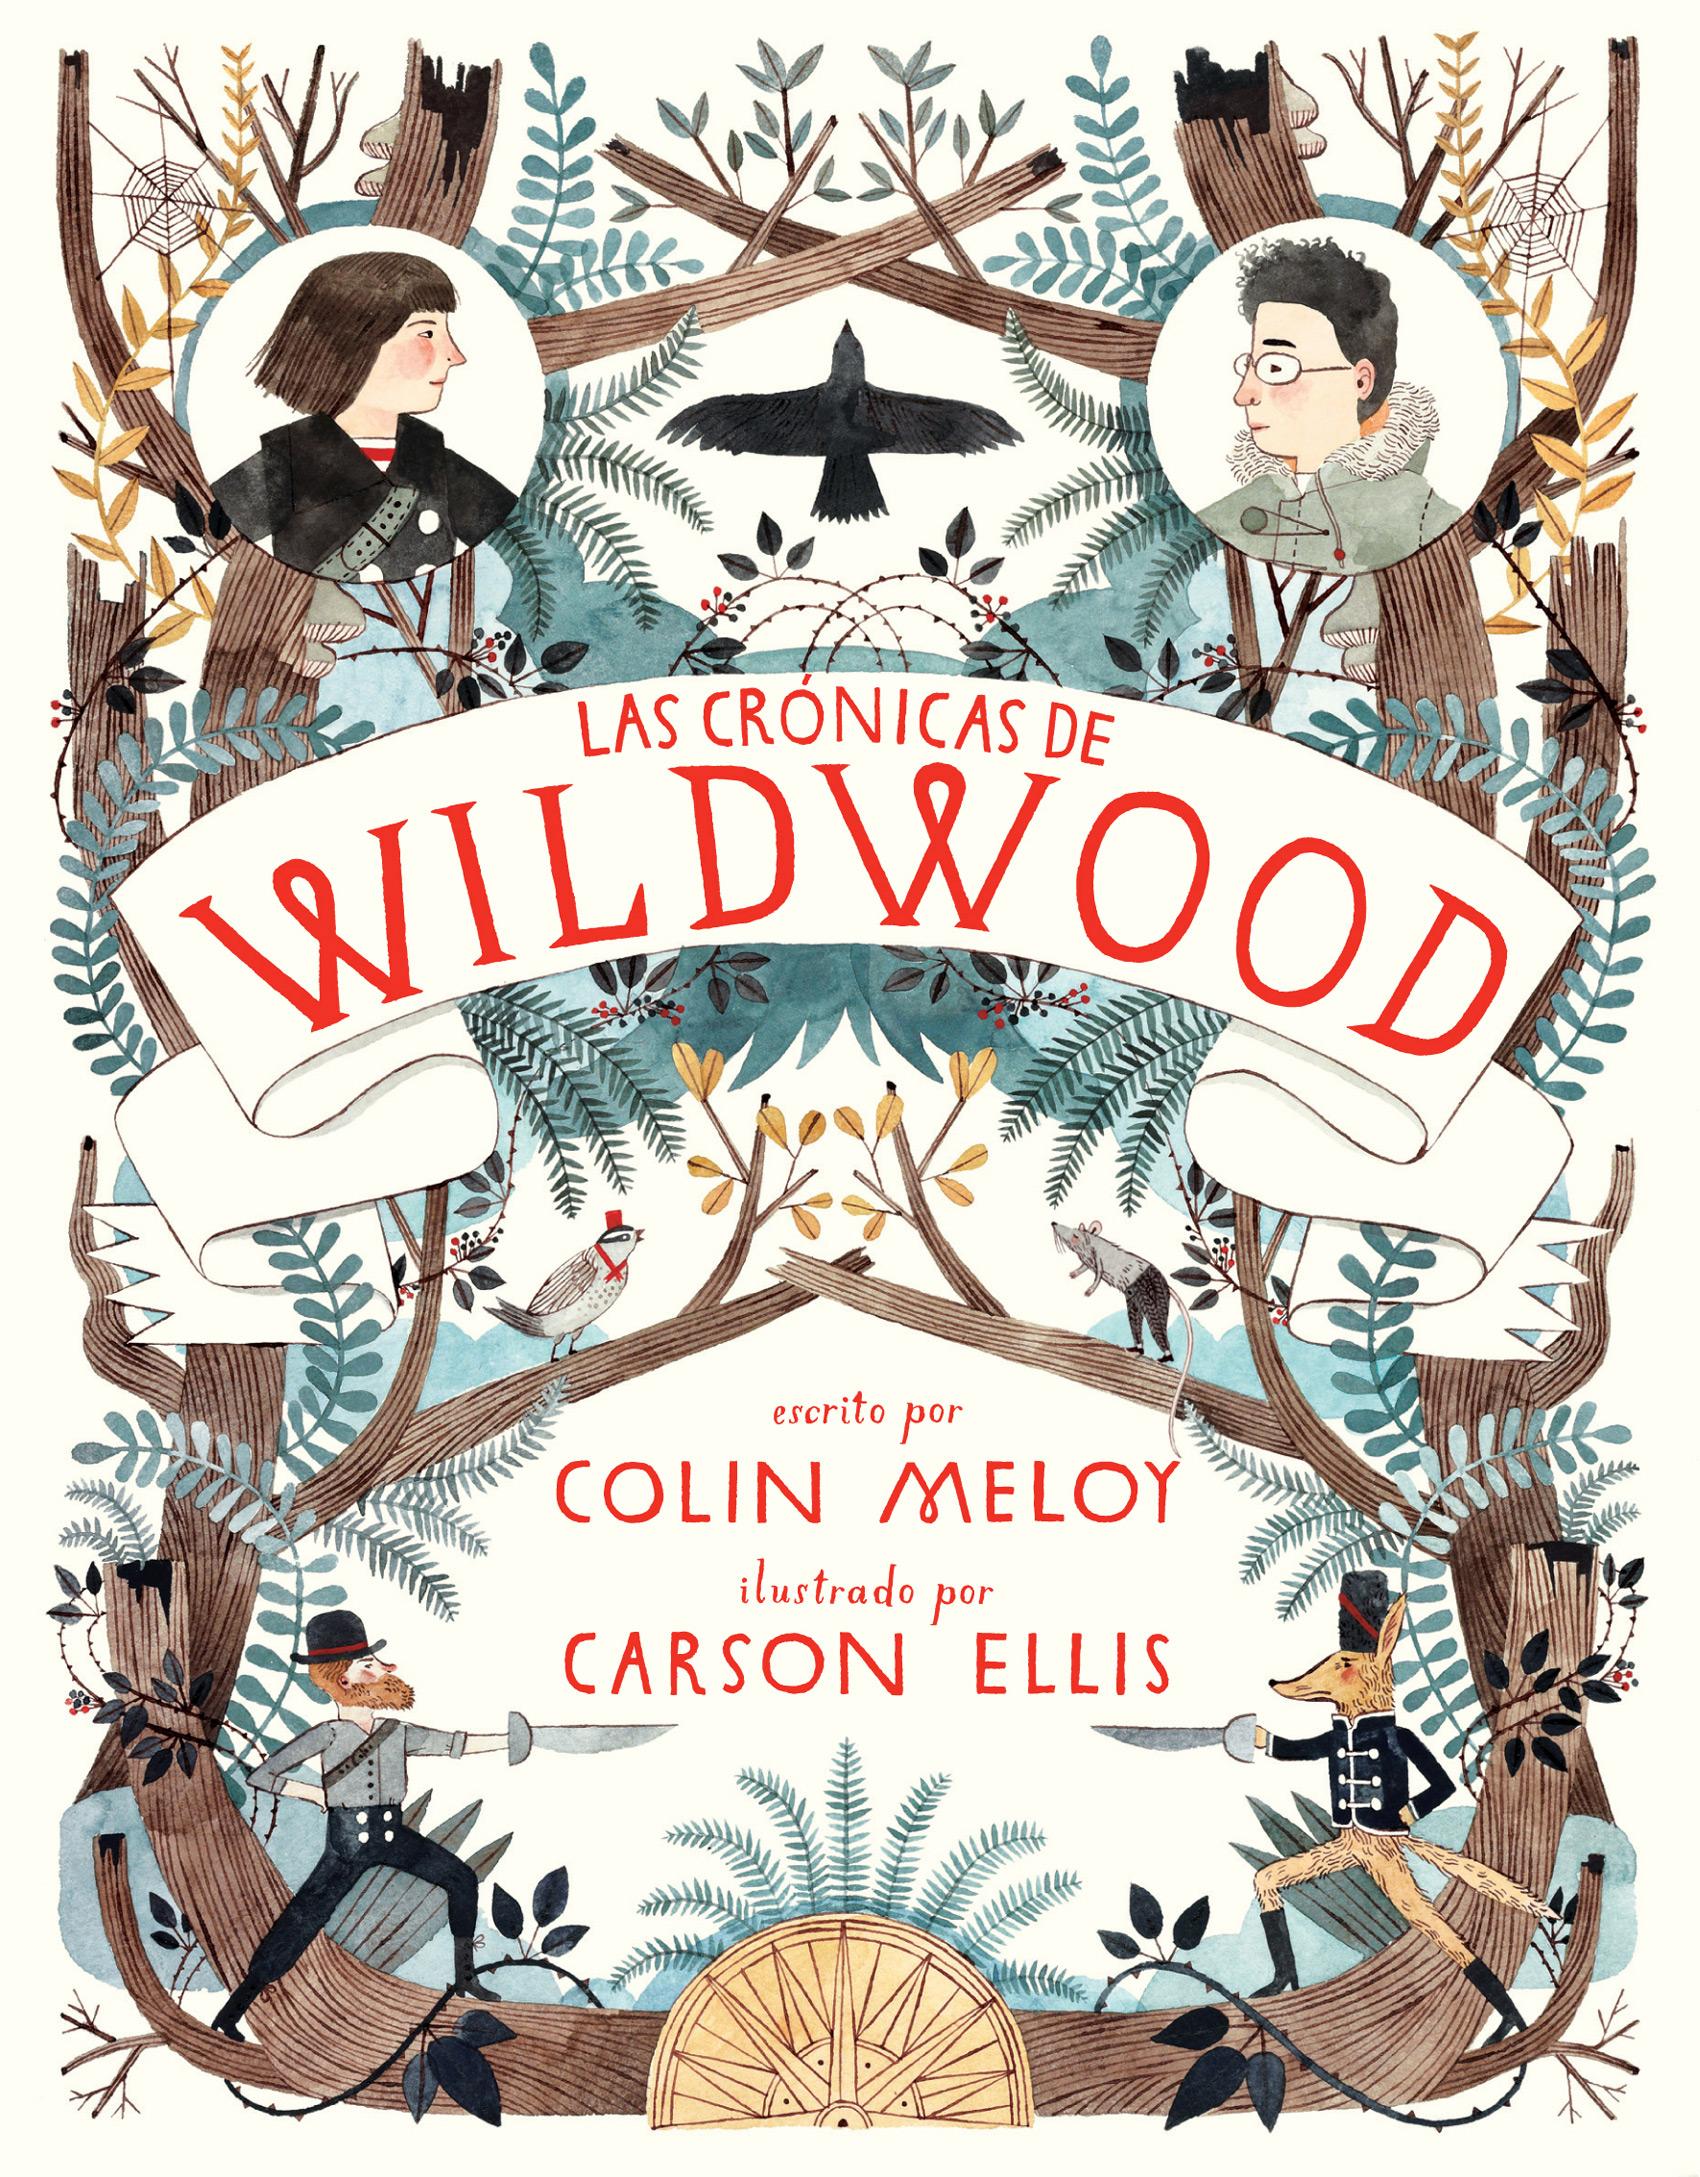 Las crónicas de Wildwood